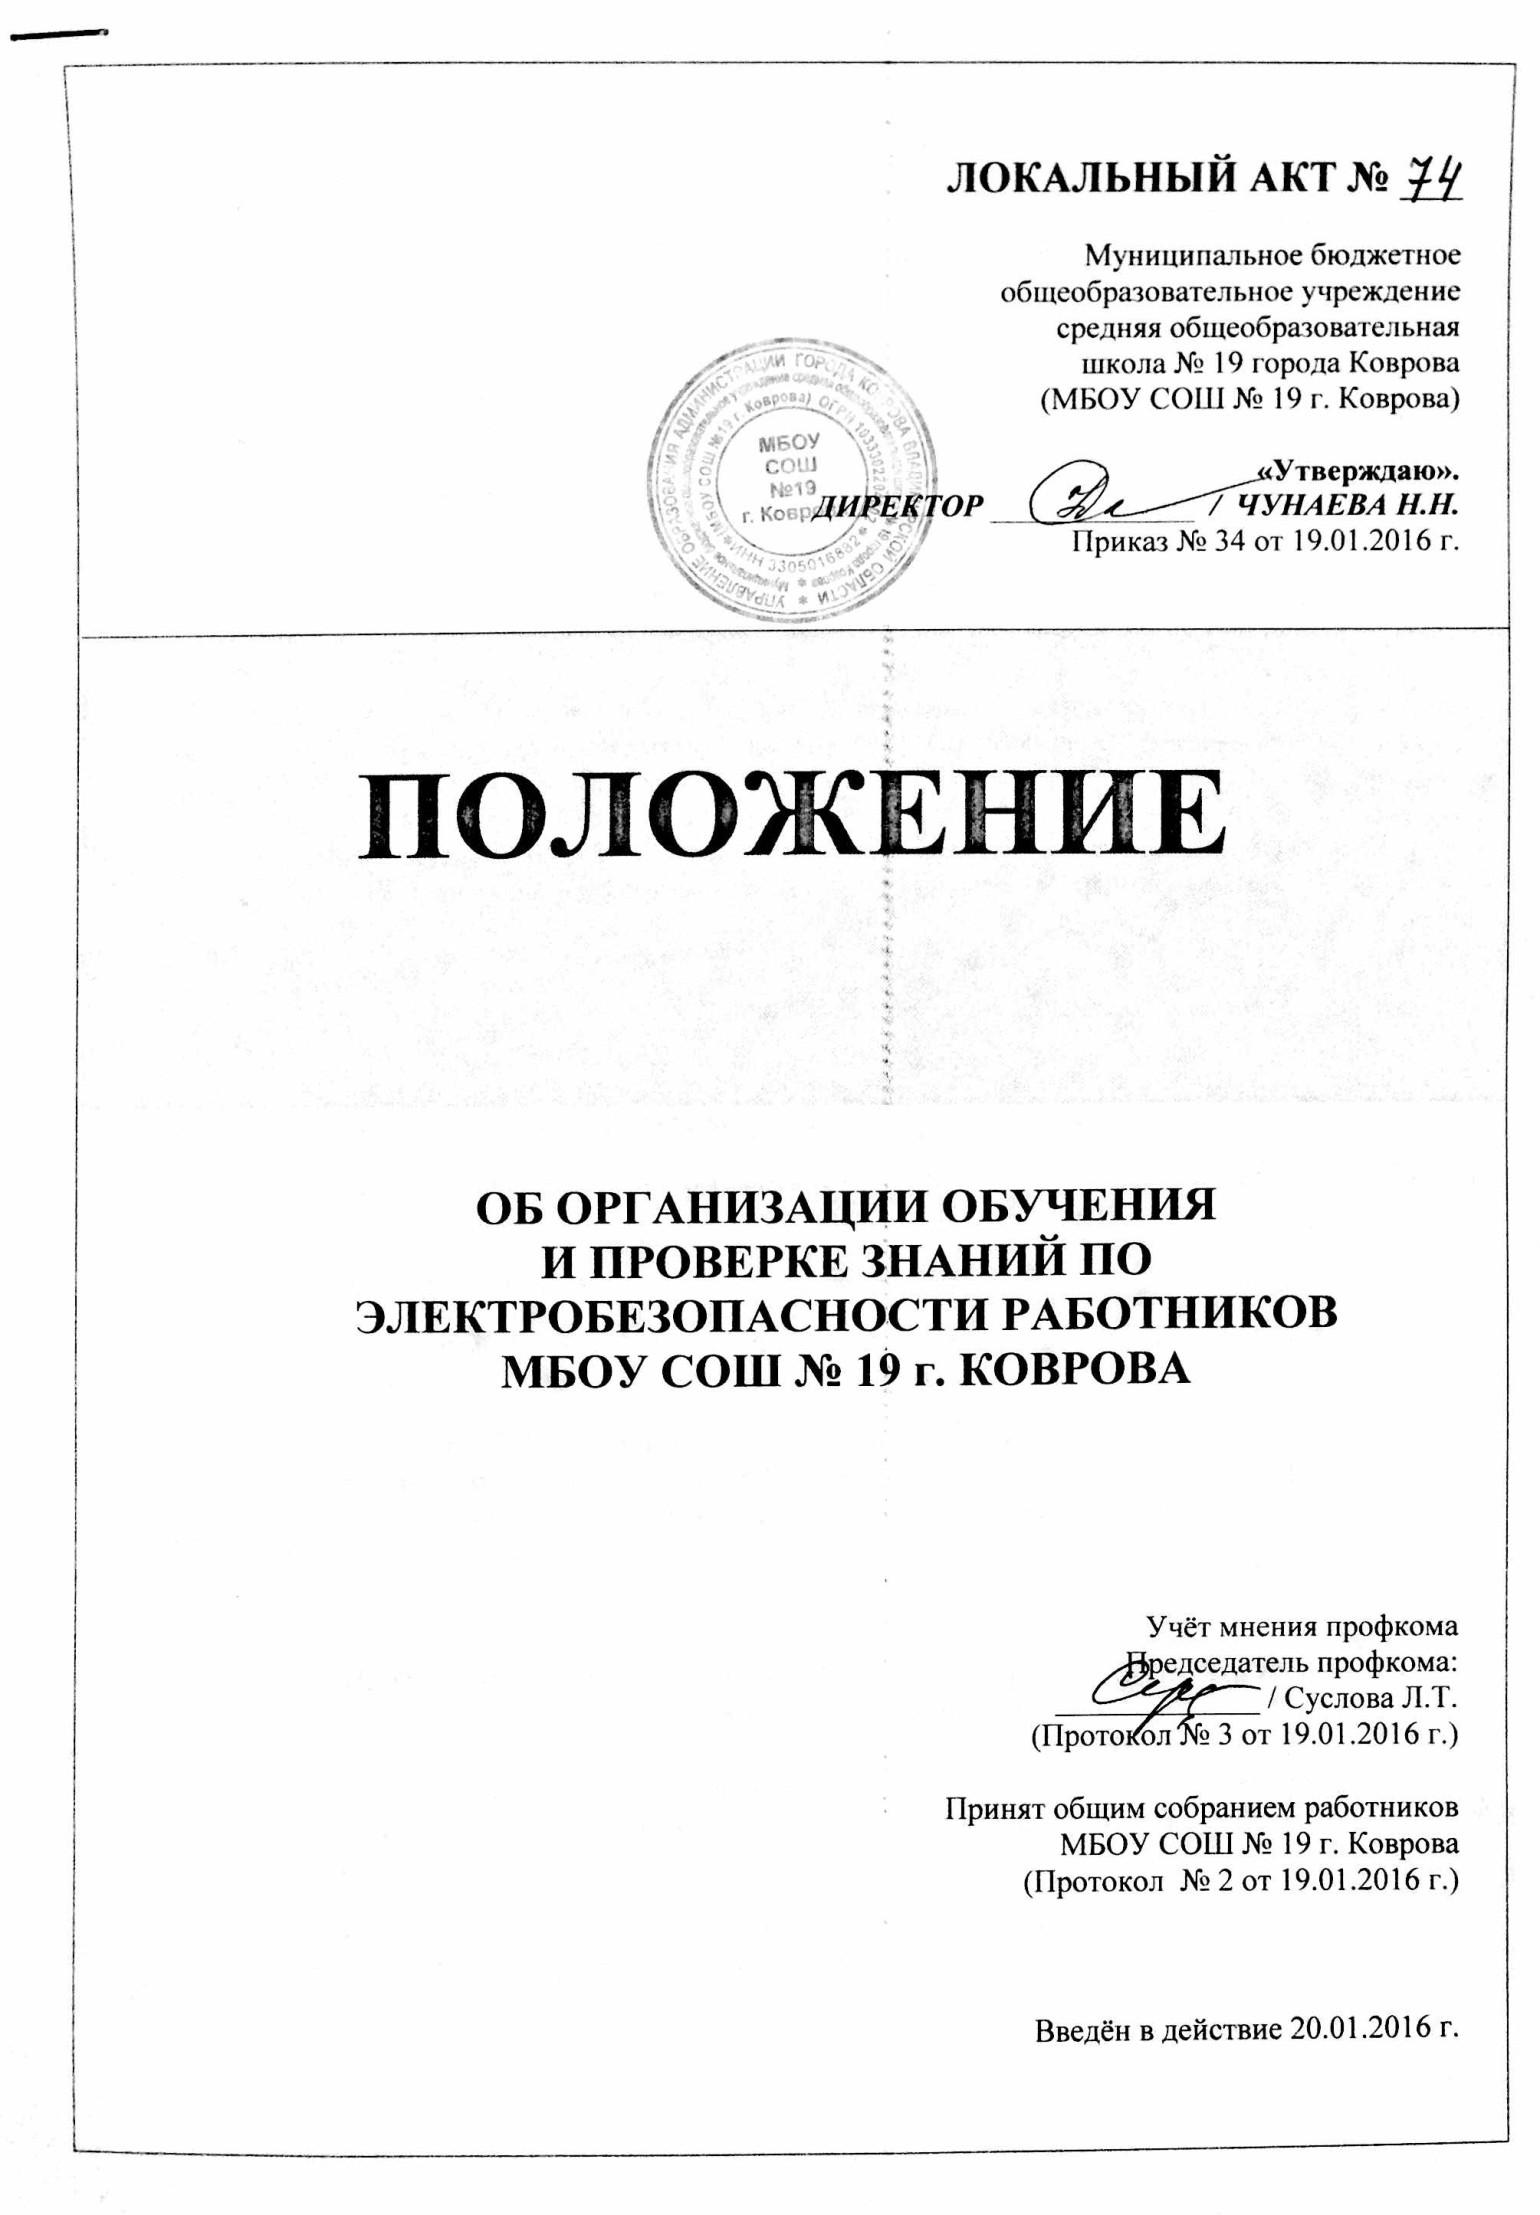 сроки по присвоению группы электробезопасности